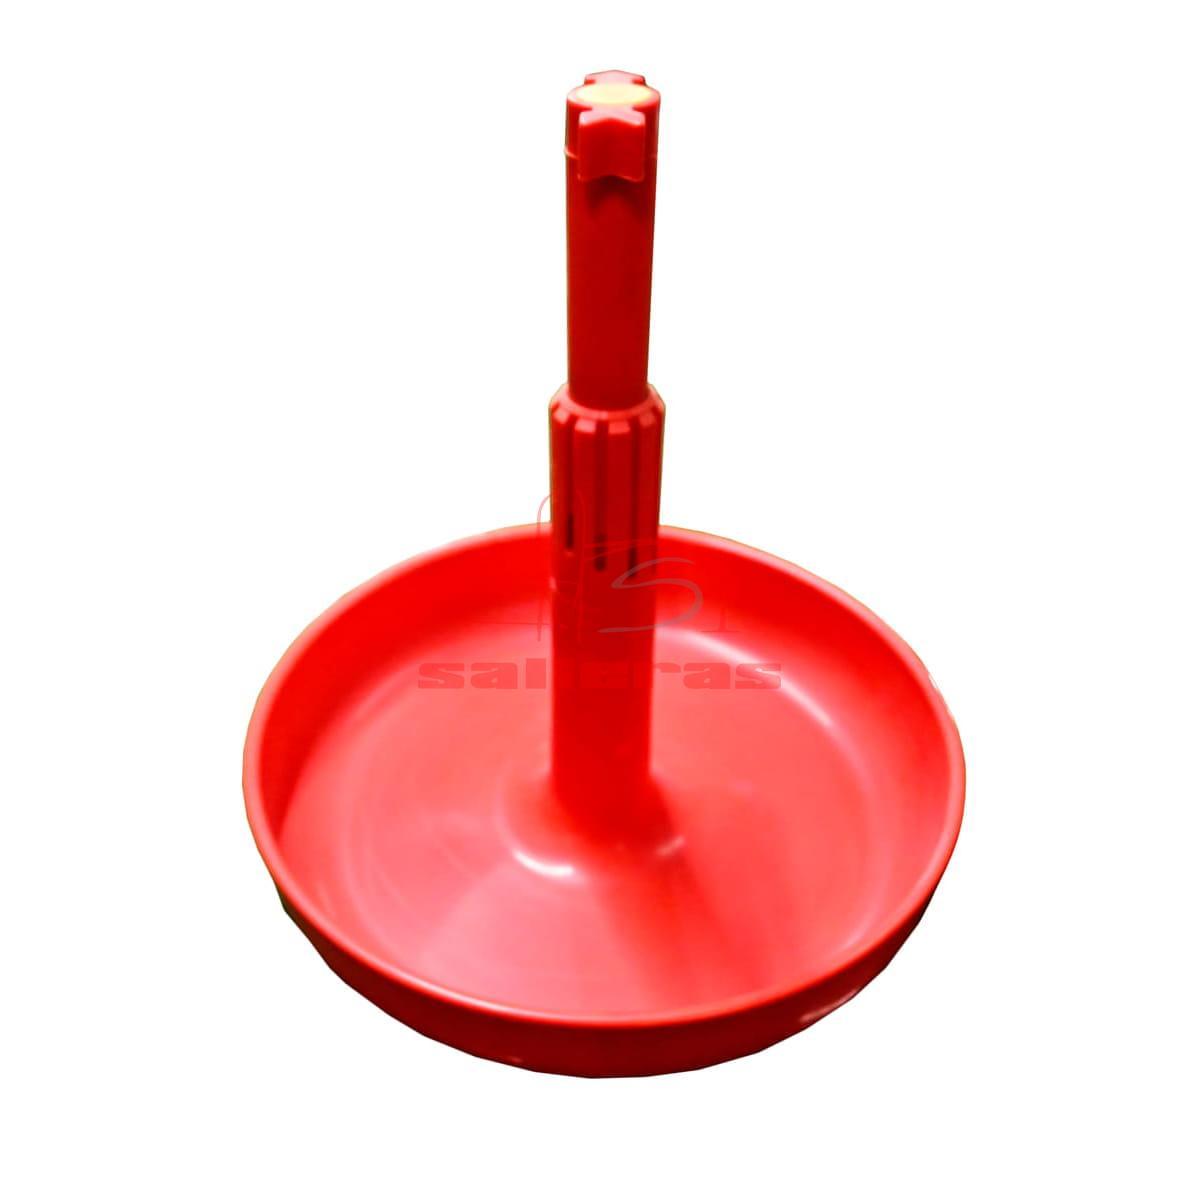 Plato recipiente para tolva pequeño de color rojo